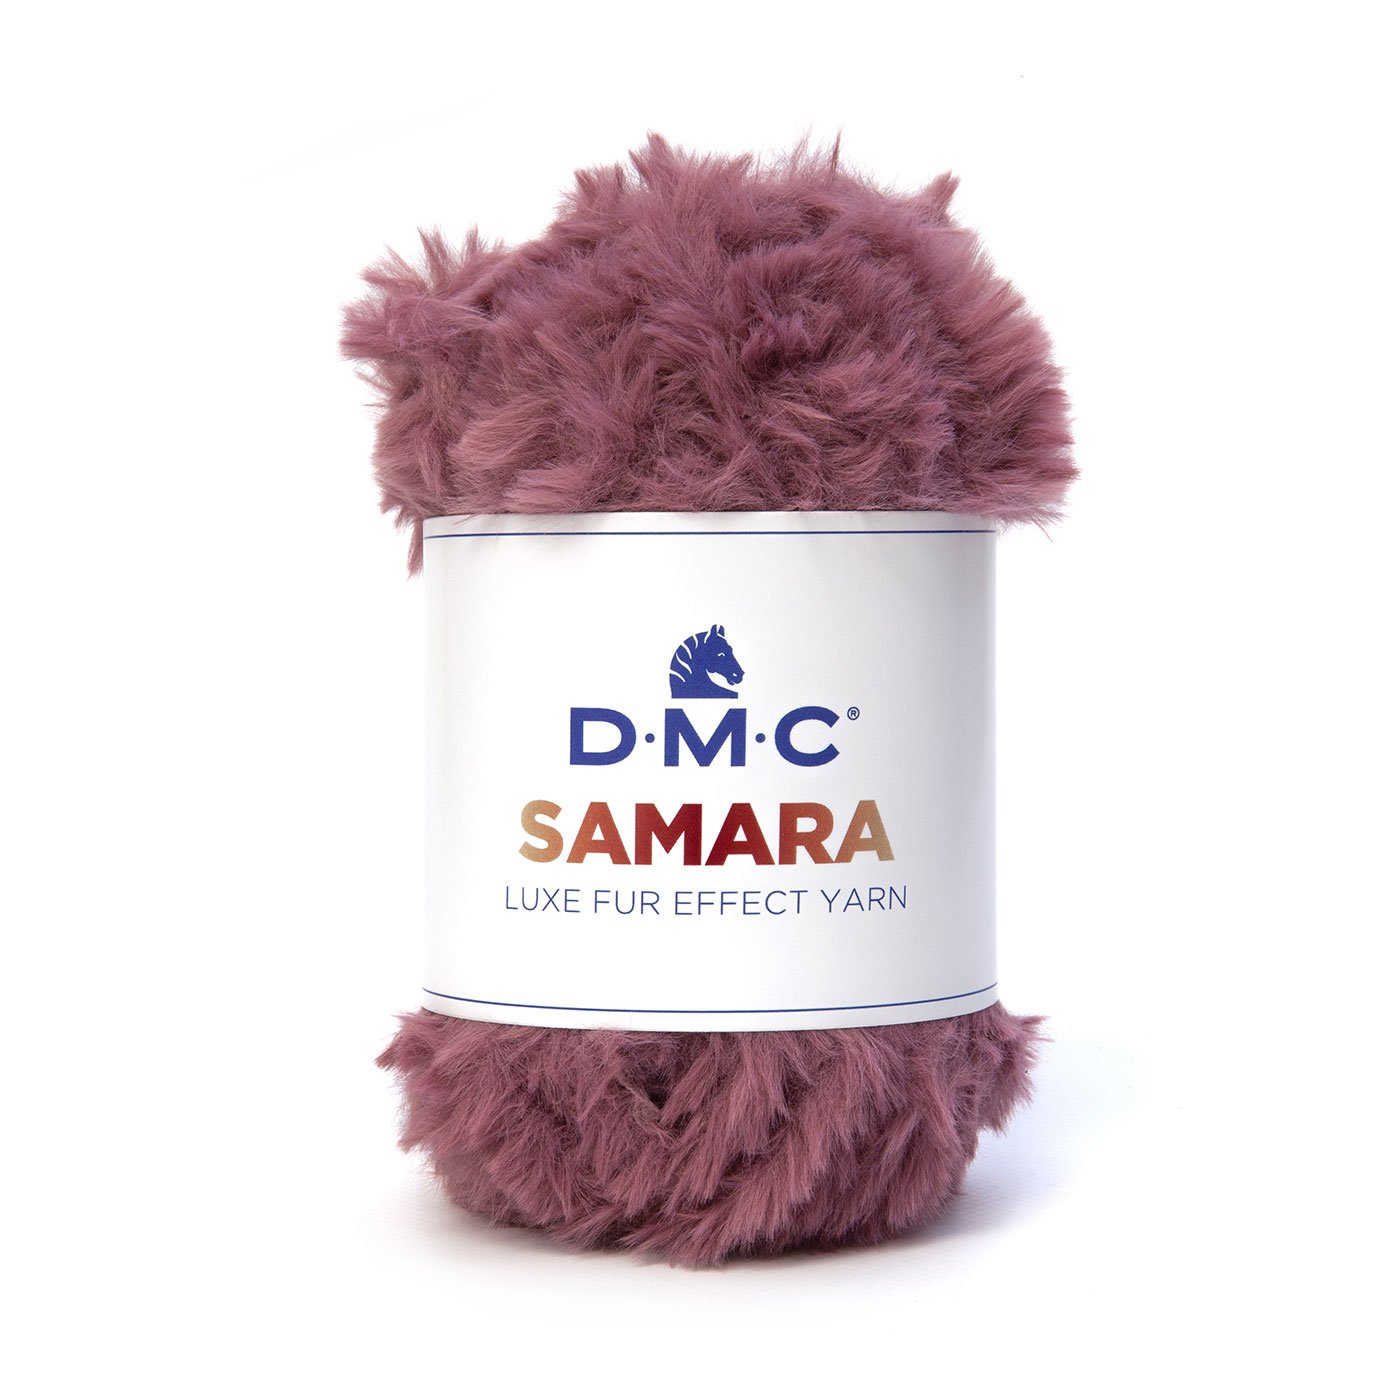 ファーのような贅沢な触り心地 DMC極太糸SAMARA(サマラ)スヌードのレシピ付き